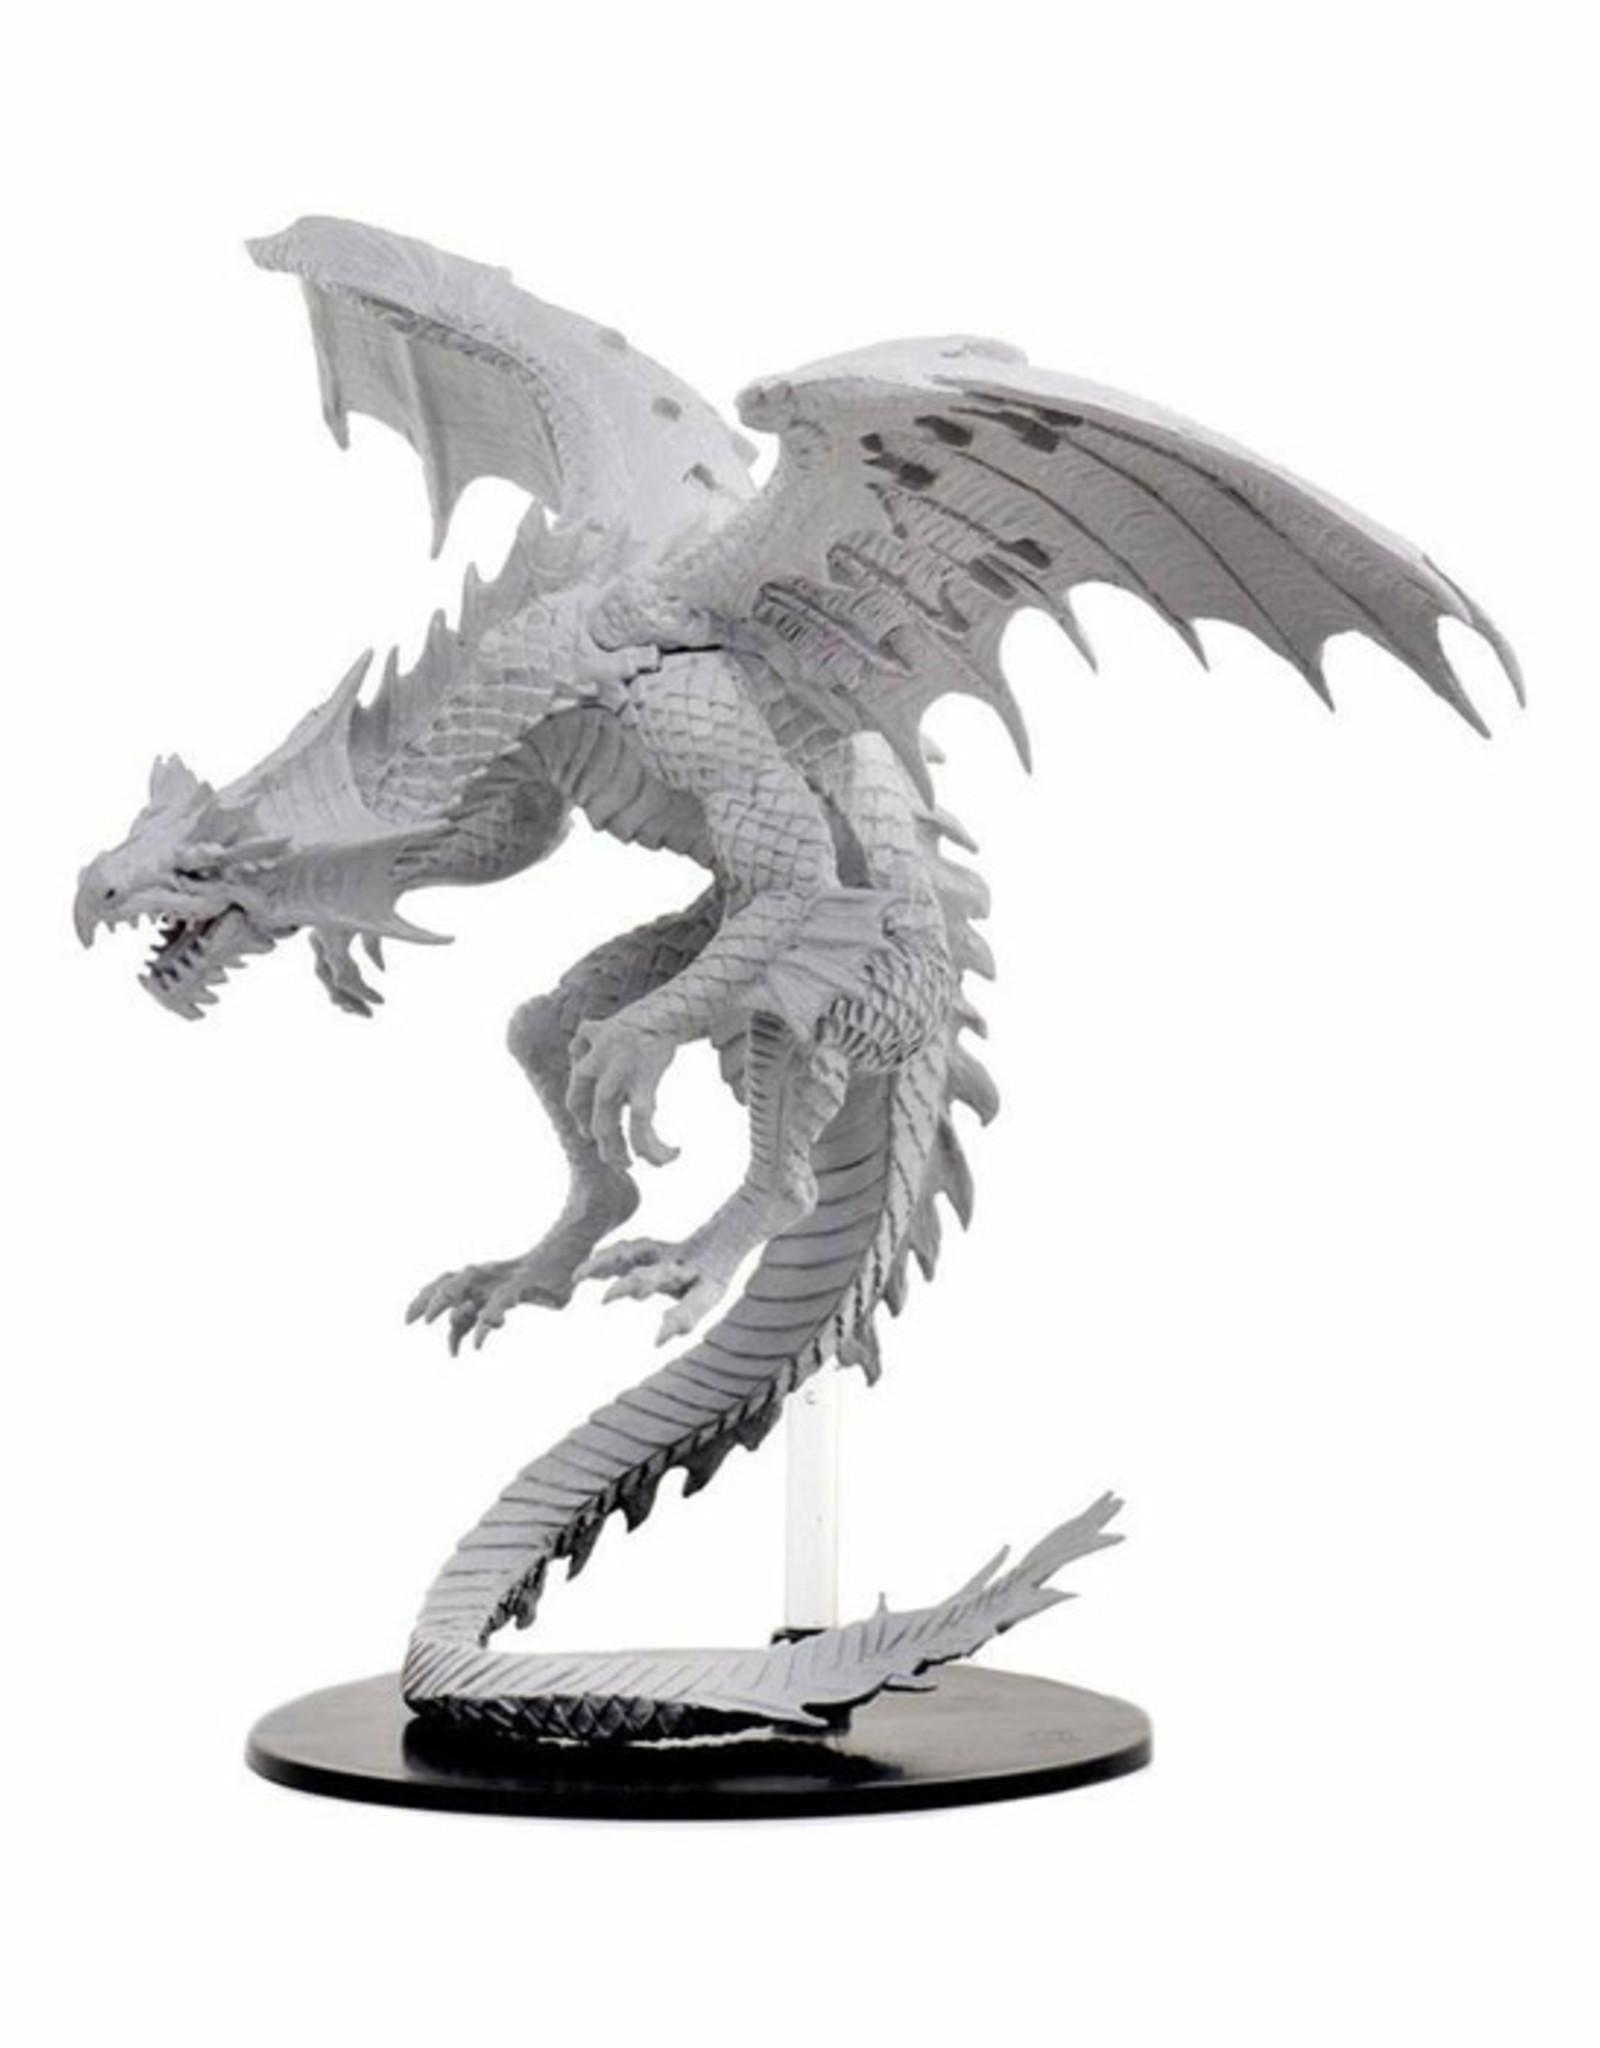 Pathfinder Pathfinder Battles: Deep Cuts - Gargantuan White Dragon